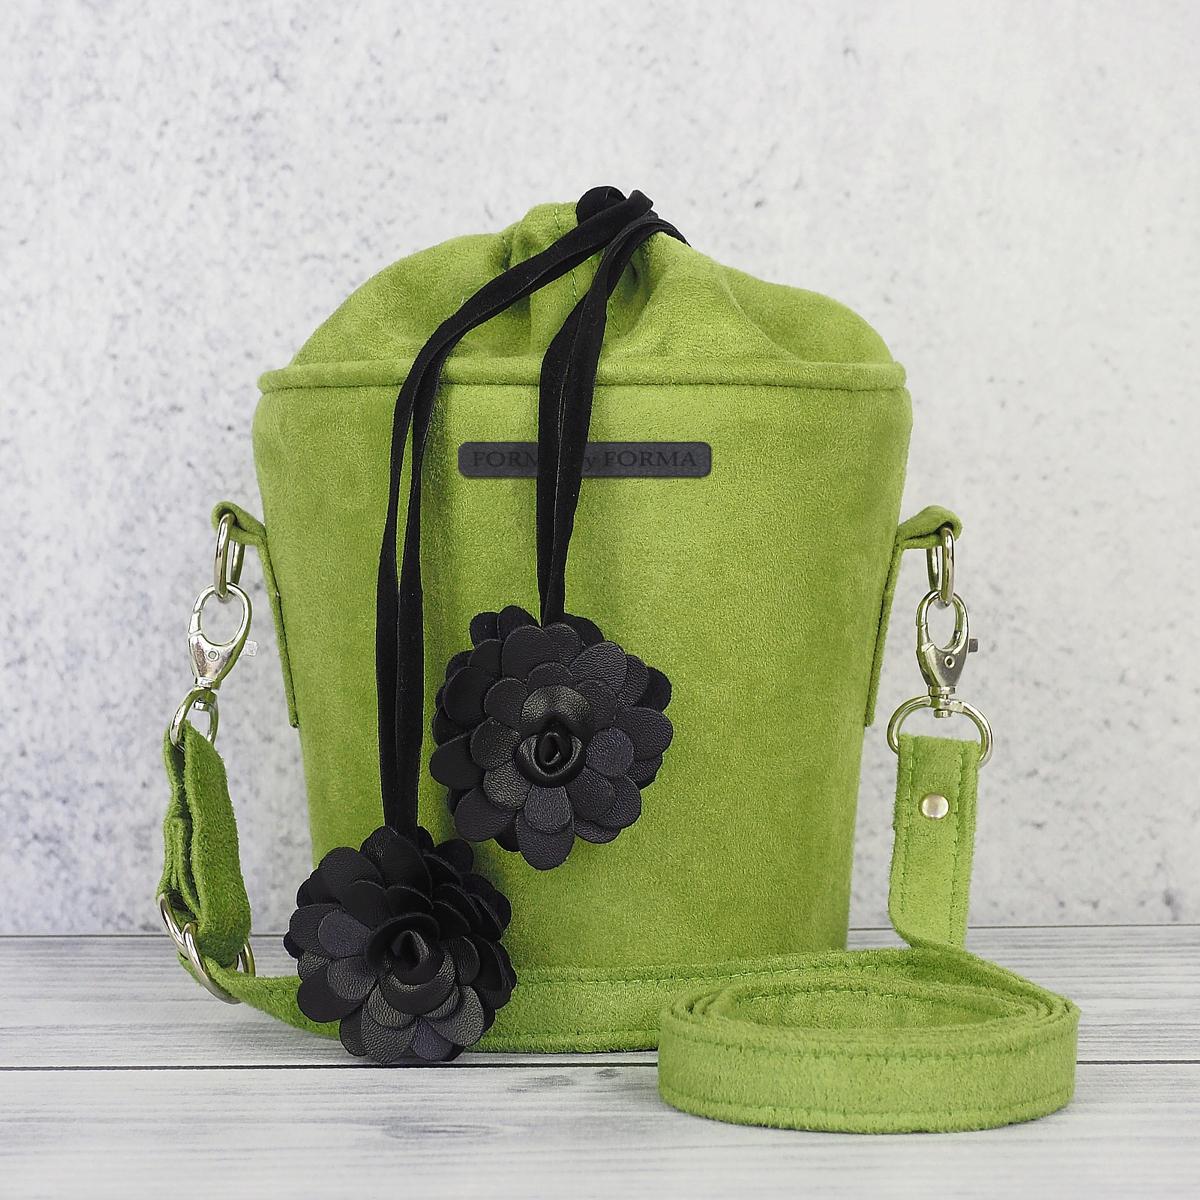 07d80734a8774 Torebka - kuferek zielony - Sklep z torebkami autorskimi